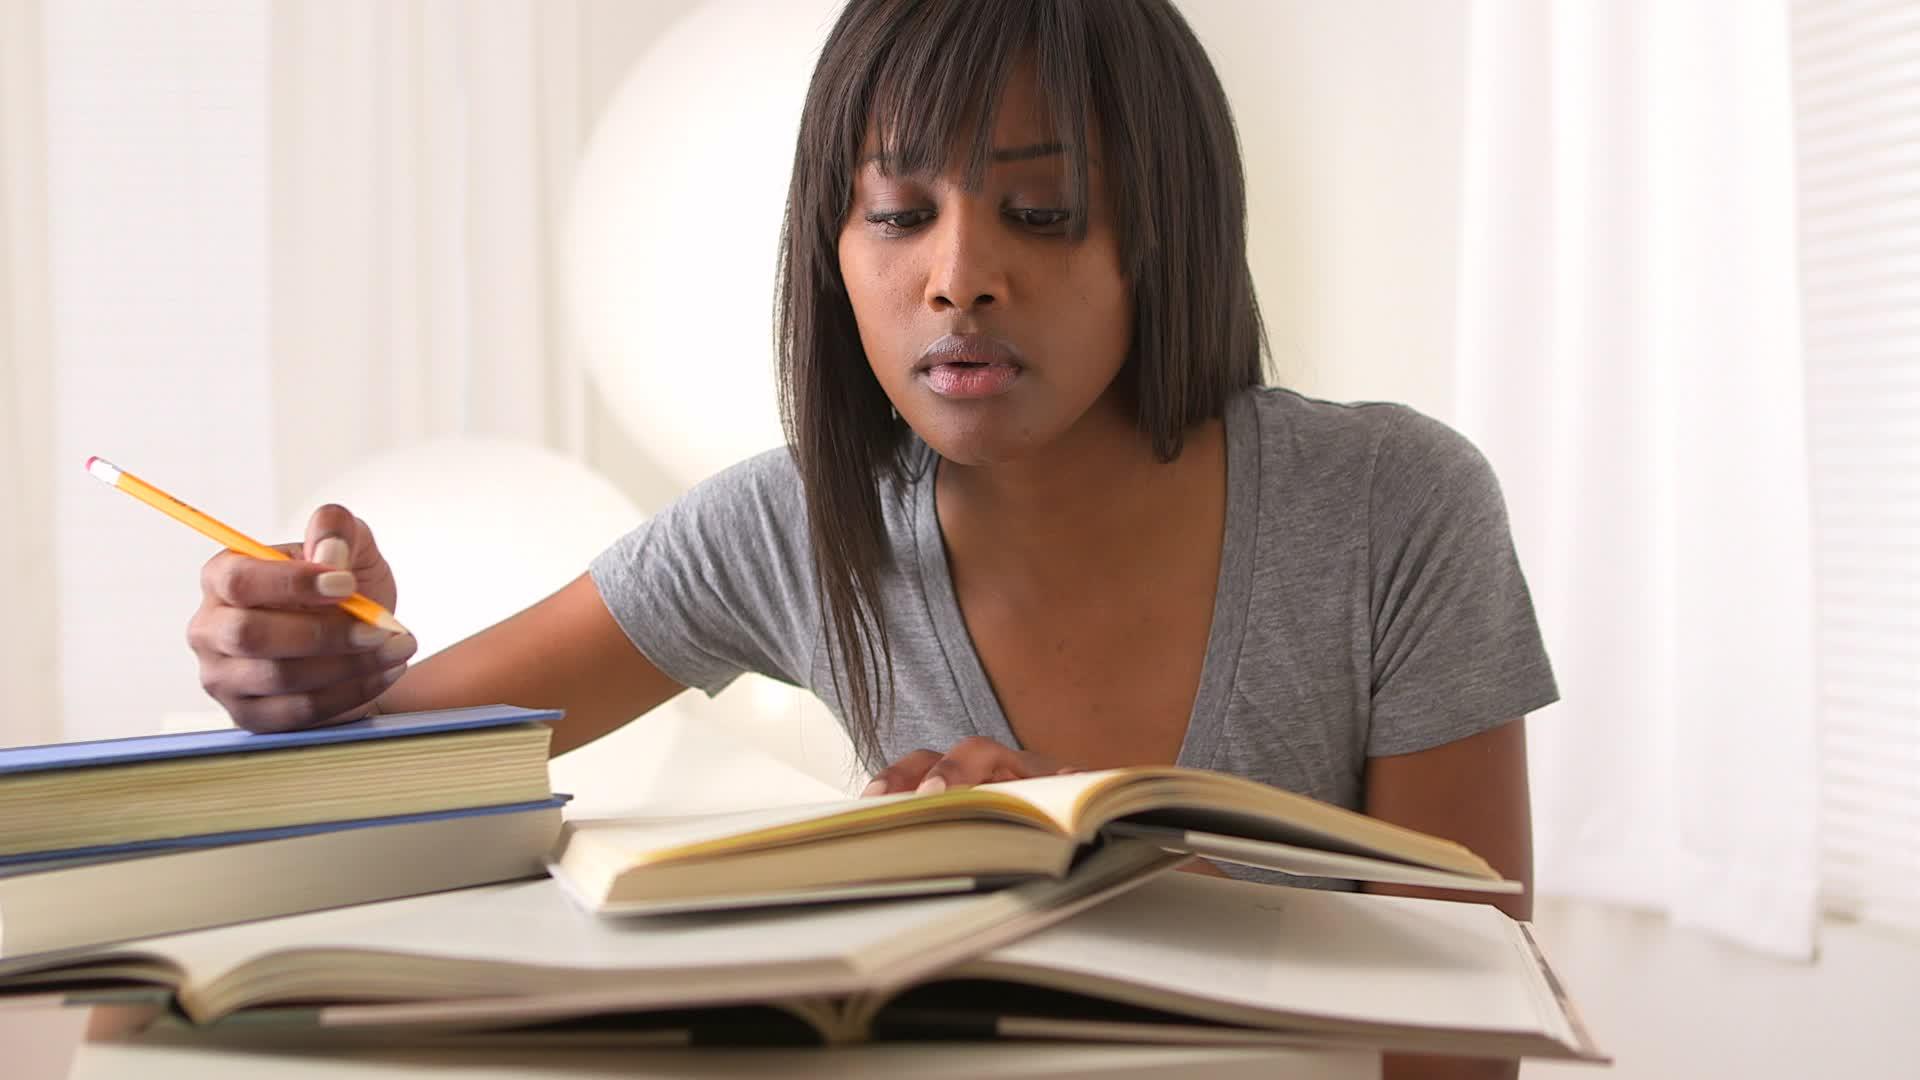 Des difficultés pour apprendre ? 5 techniques pour mémoriser ses cours rapidement